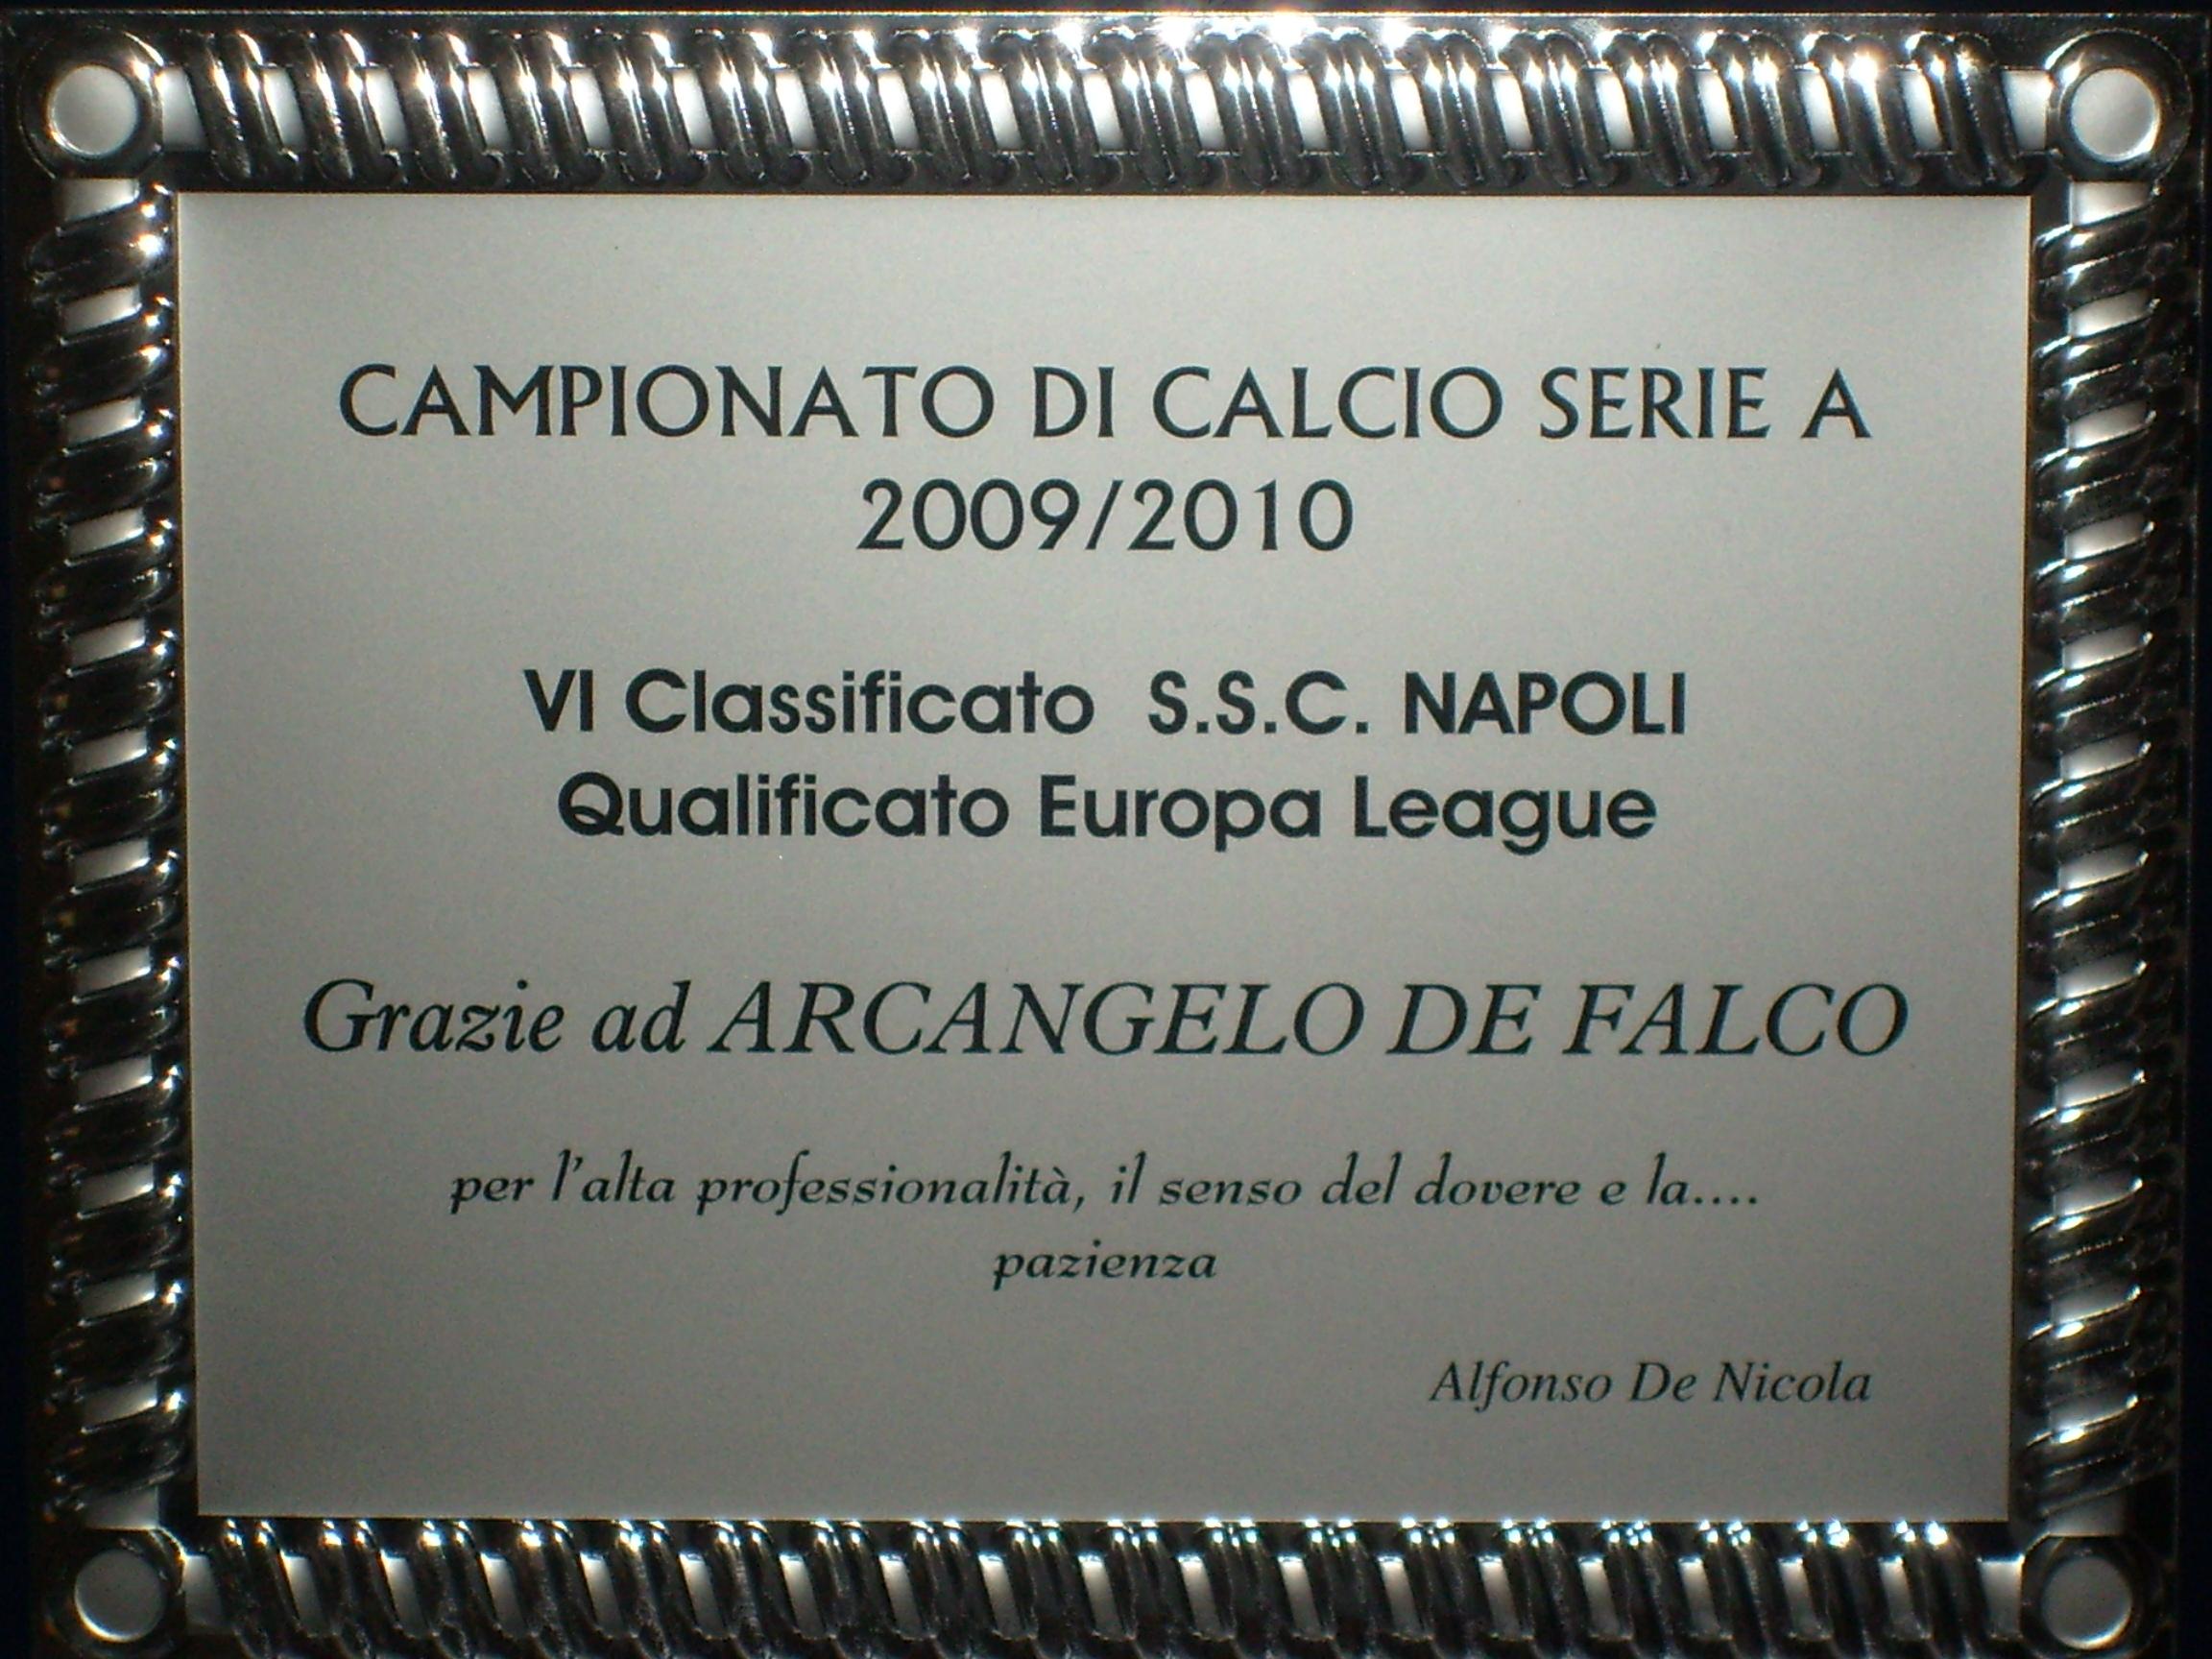 Osteopata Arcangelo De Falco